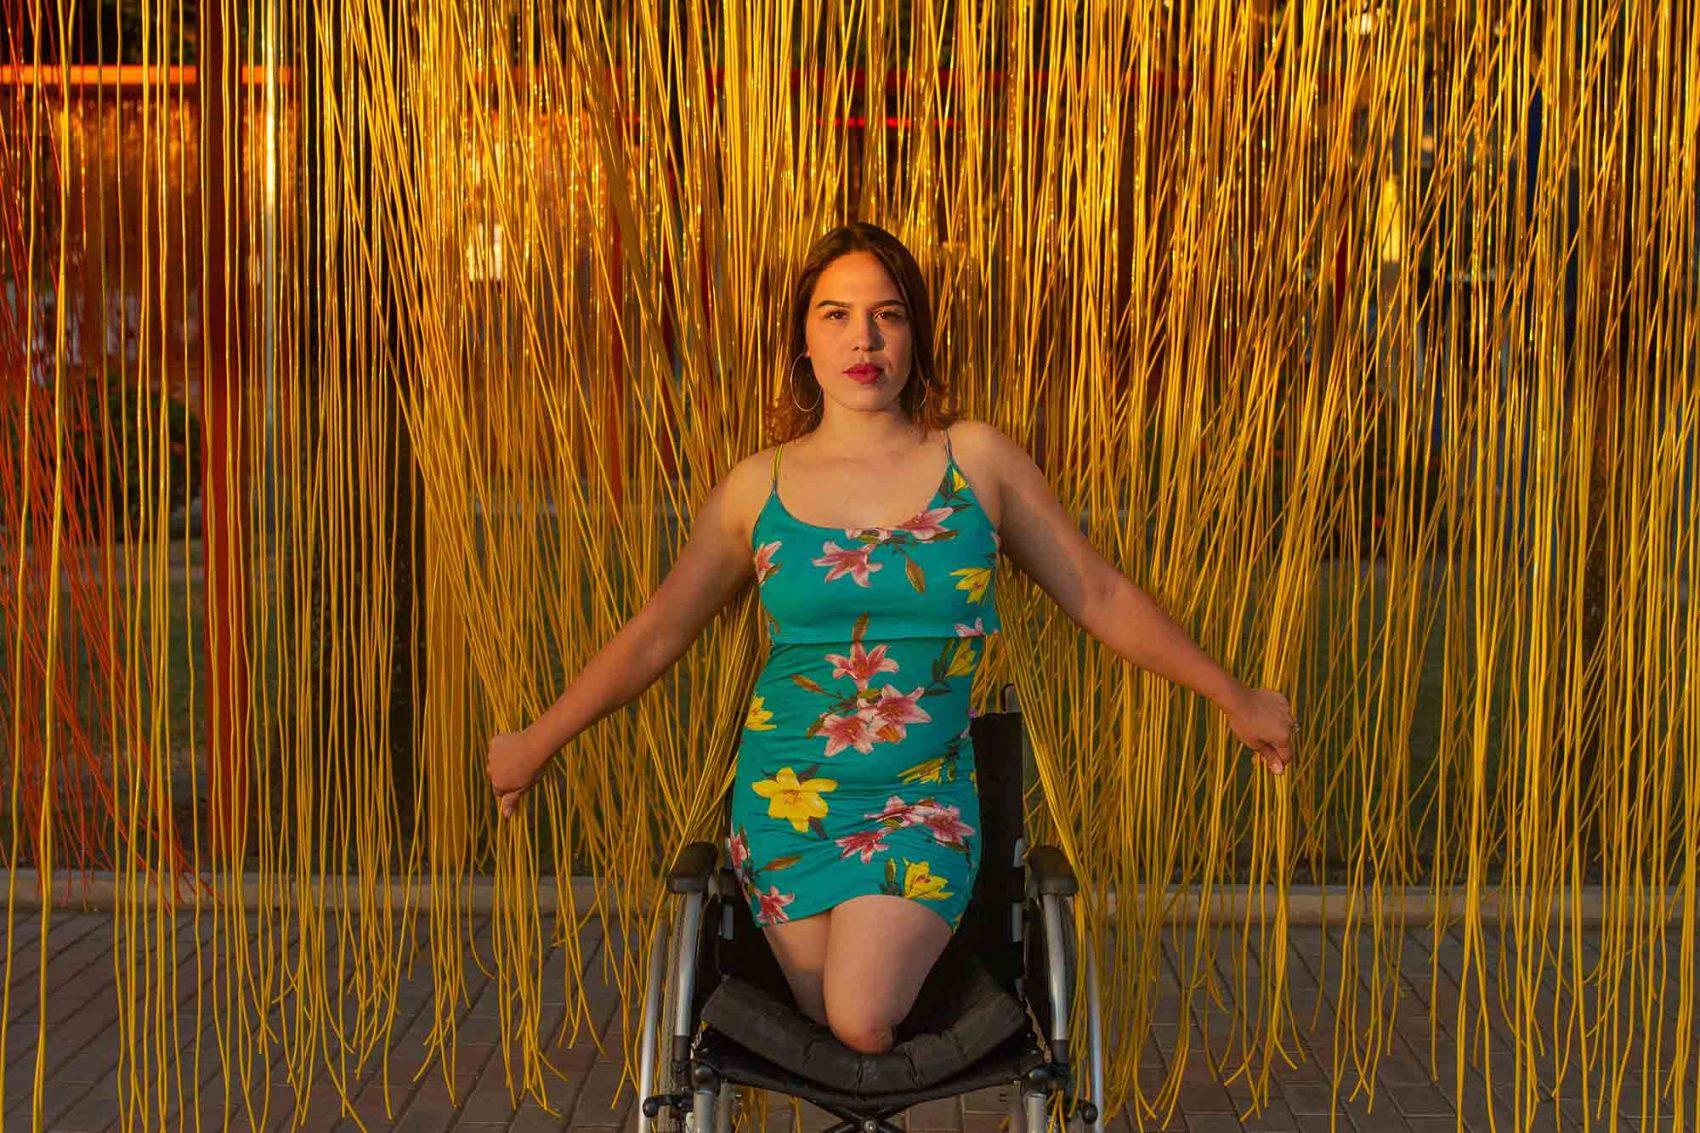 Alyannis Villaravid posa para foto do projeto Estórias Migrantes: no Brasil há seis meses, ela sente o preconceito com os venezuelanos e pessoas com deficiência - e diz estar pronta para combater os dois (Foto: Fabricio Carrijo)